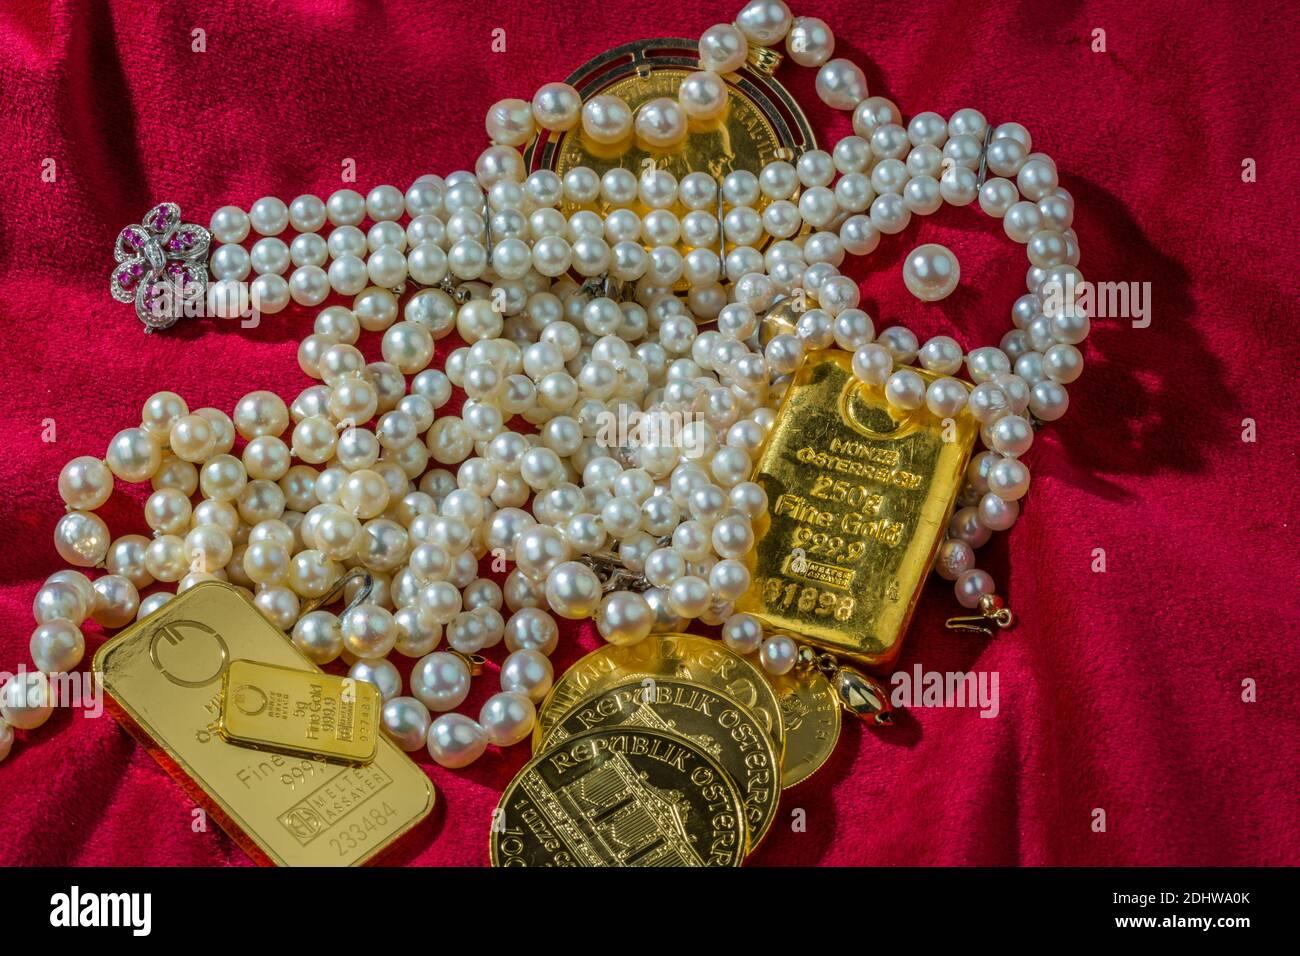 Gold in Münzen und Barren mit Schmuck auf rotem Samt. Symbolfoto für Reichtum, Luxus, Reichensteuer. Stock Photo